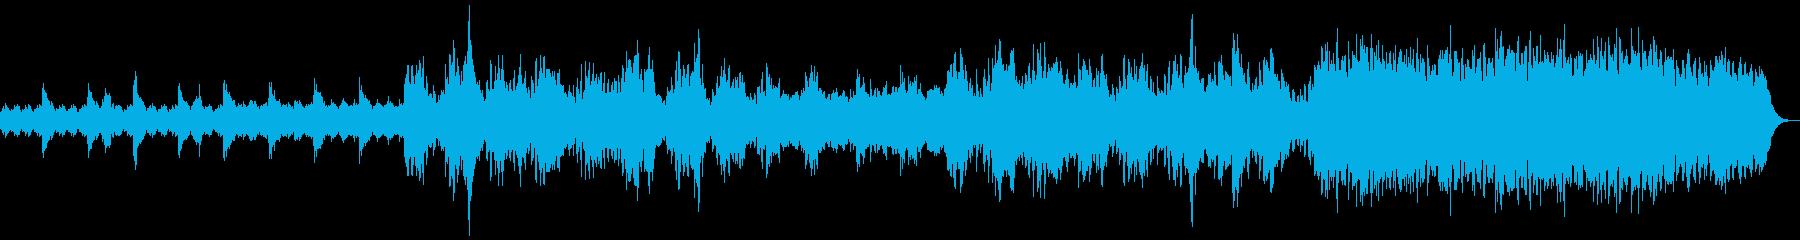 宇宙や深海を思わせる神秘的なBGMの再生済みの波形